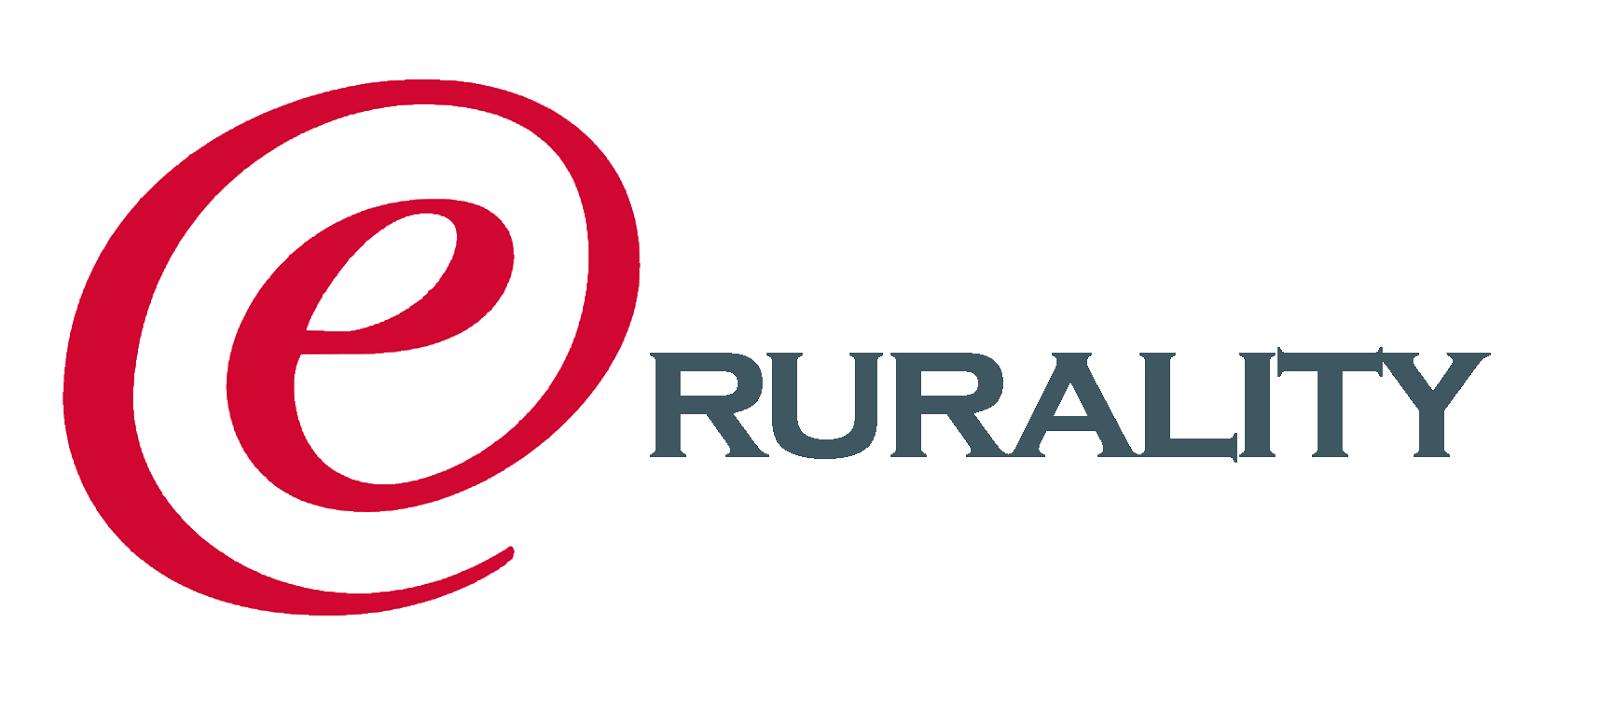 E-Rurality